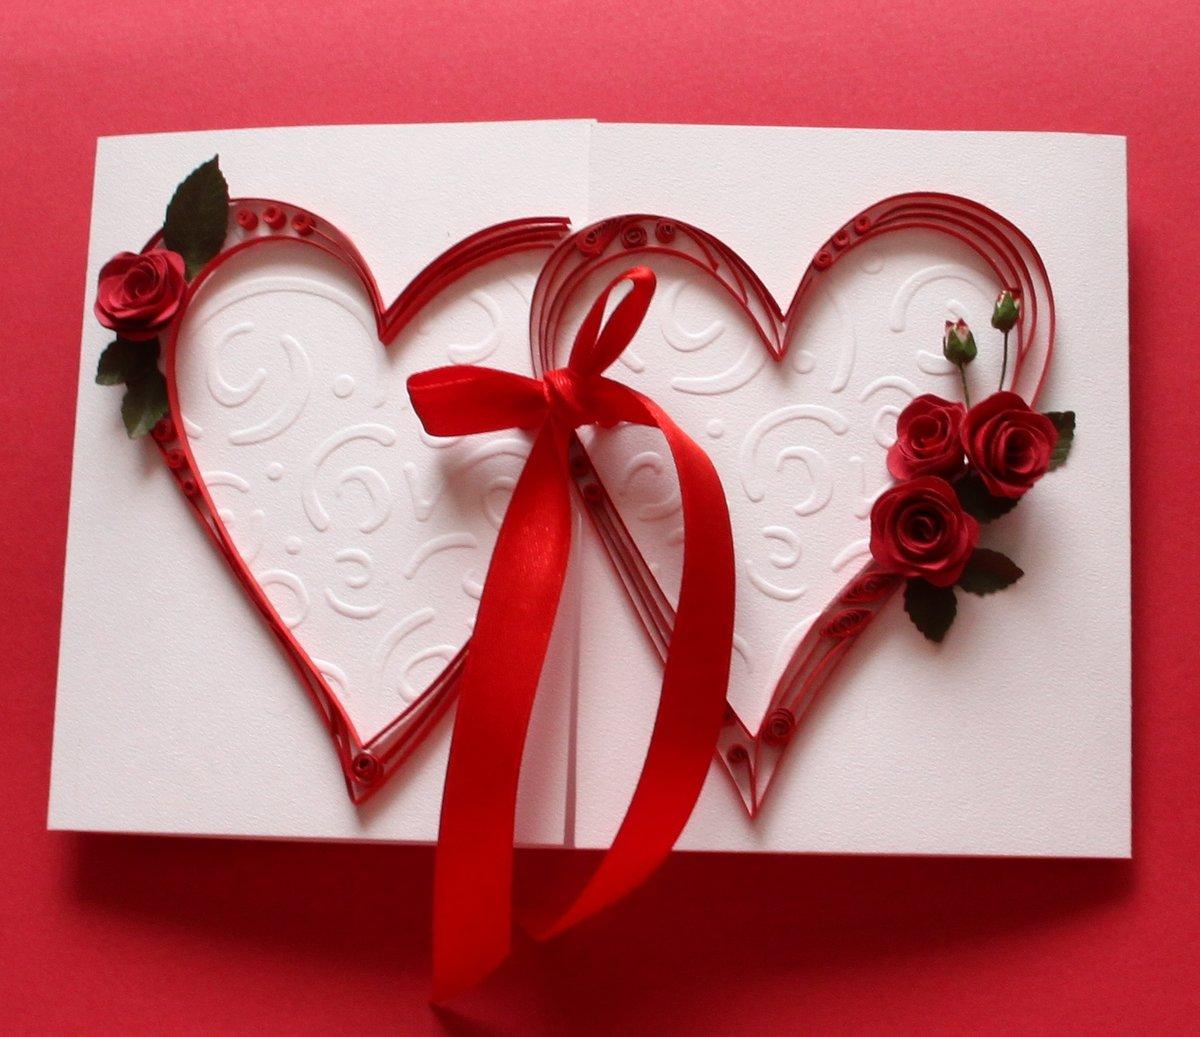 Музыкальные открытки, как сделать открытку к дню святого валентина